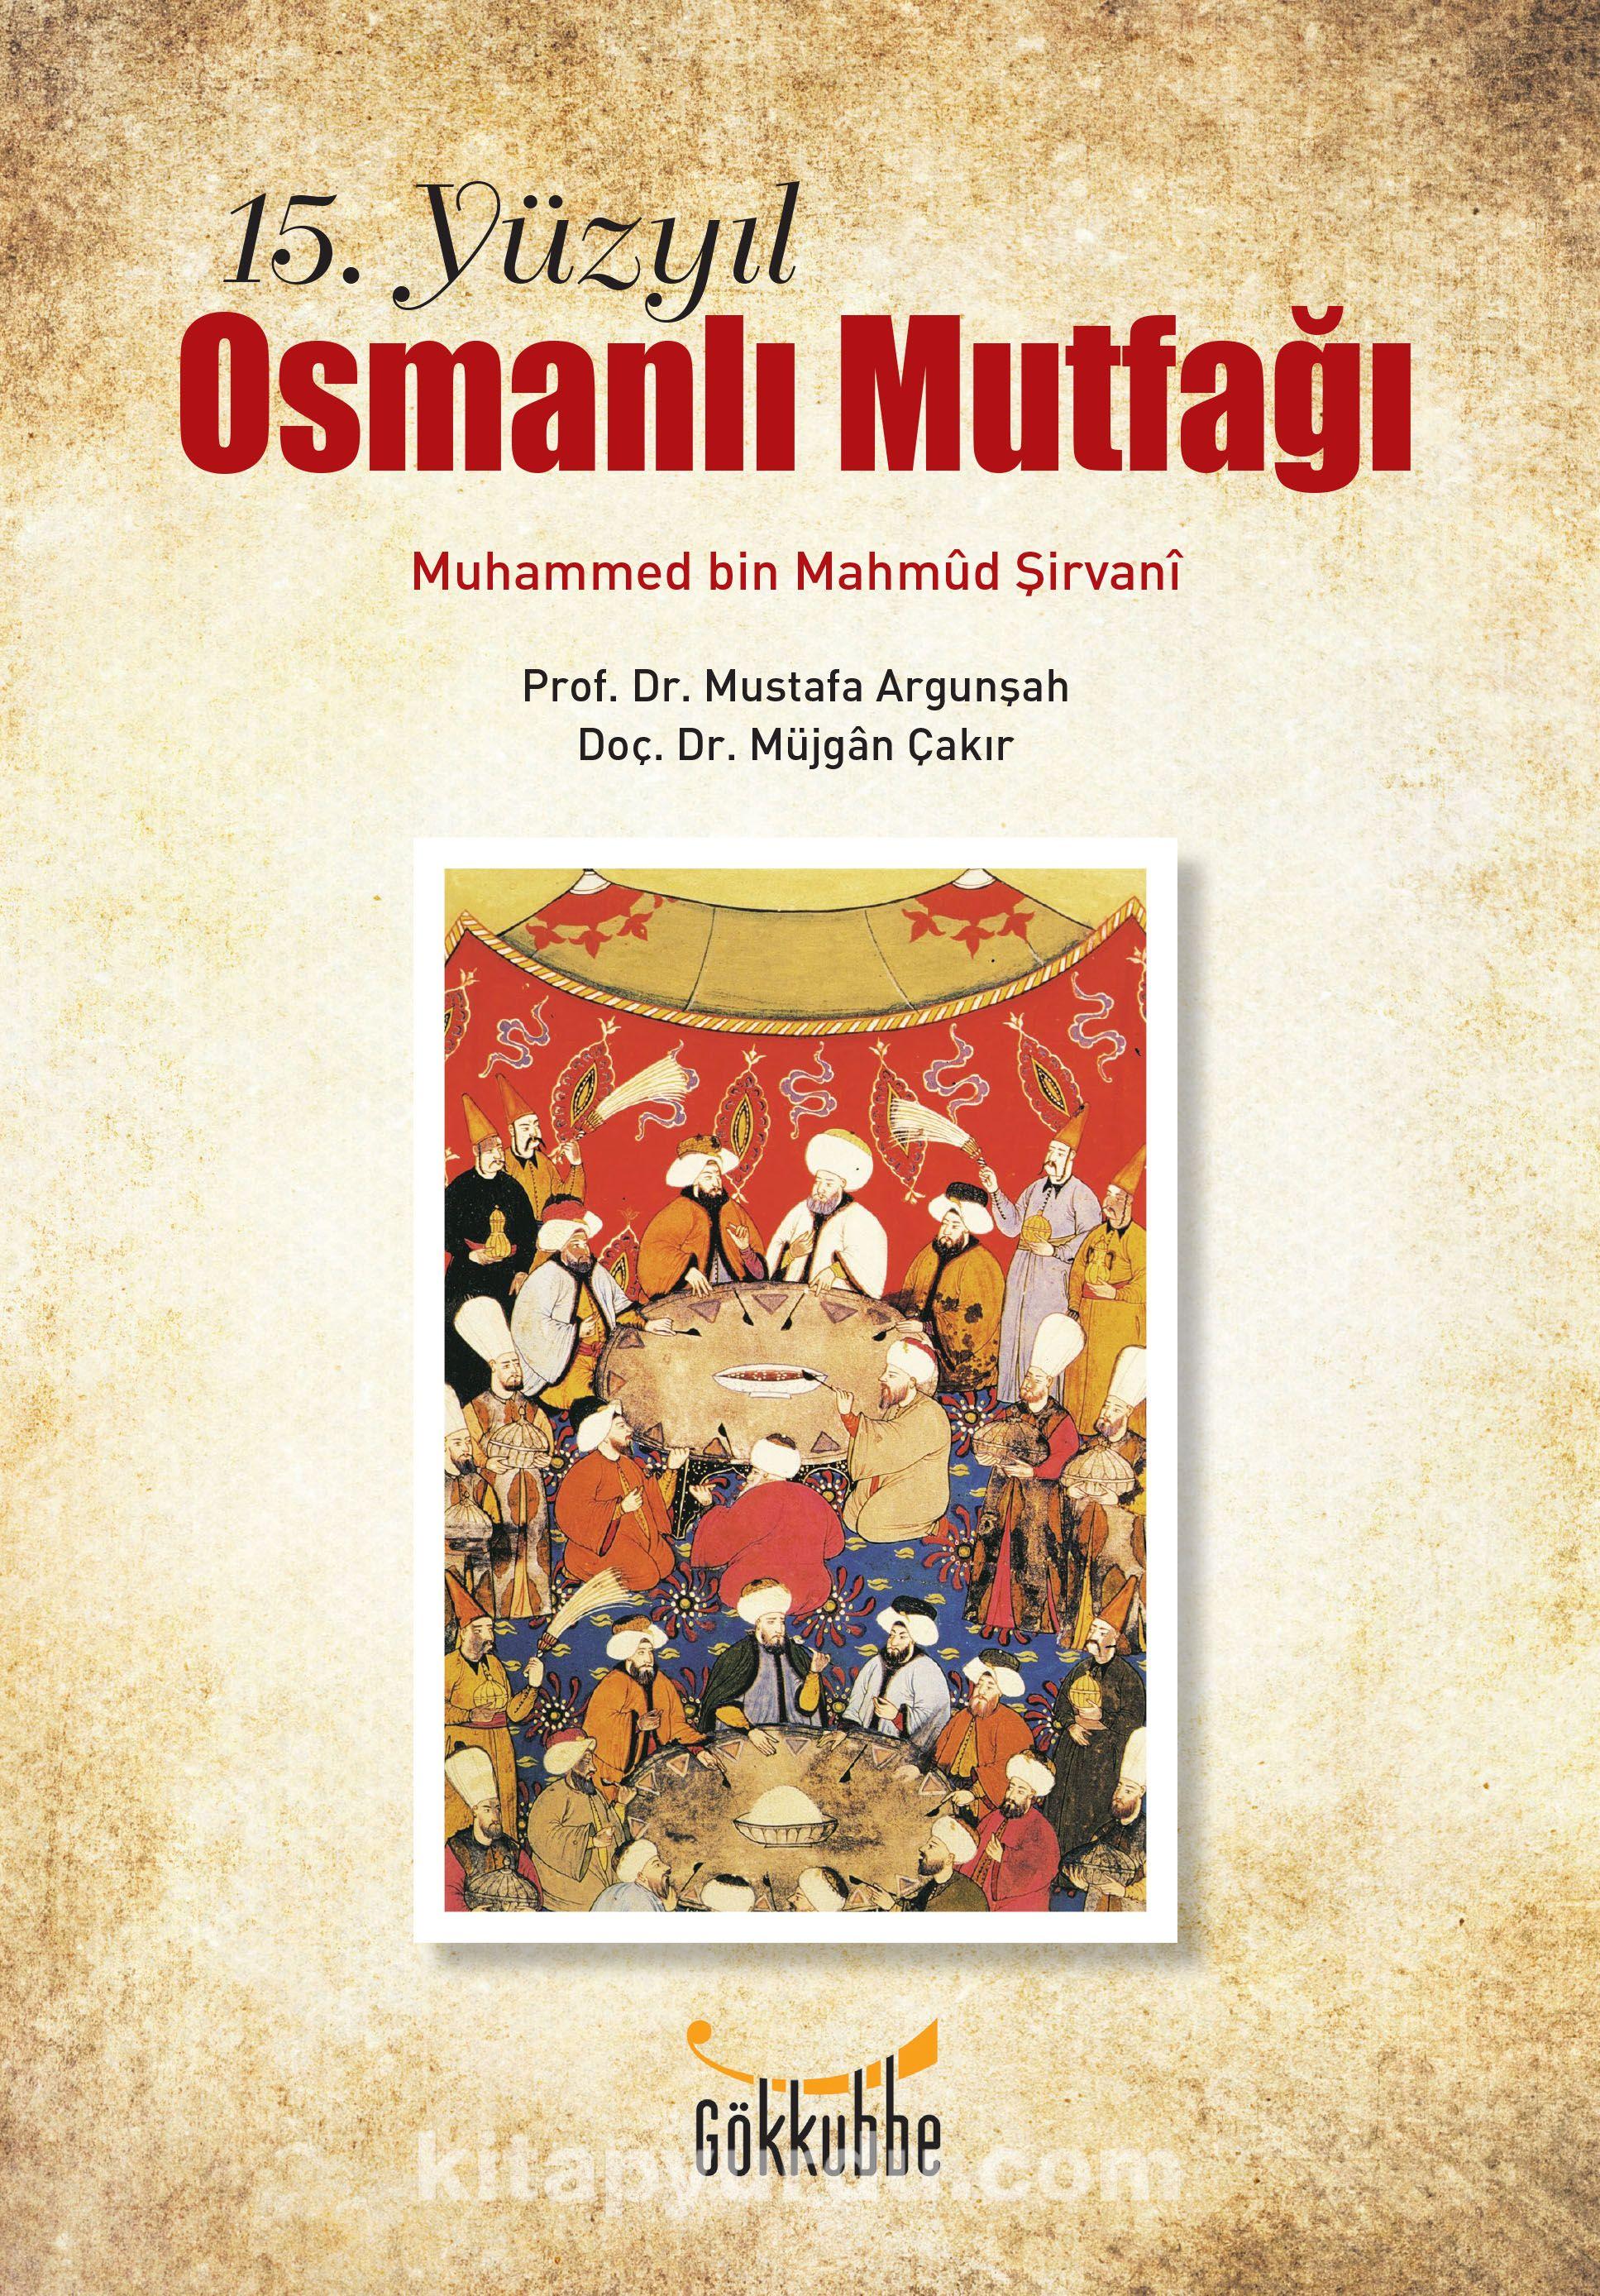 15. Yüzyıl Osmanlı Mutfağı - Muhammed bin Mahmud Şirvani | kitapyurdu.com